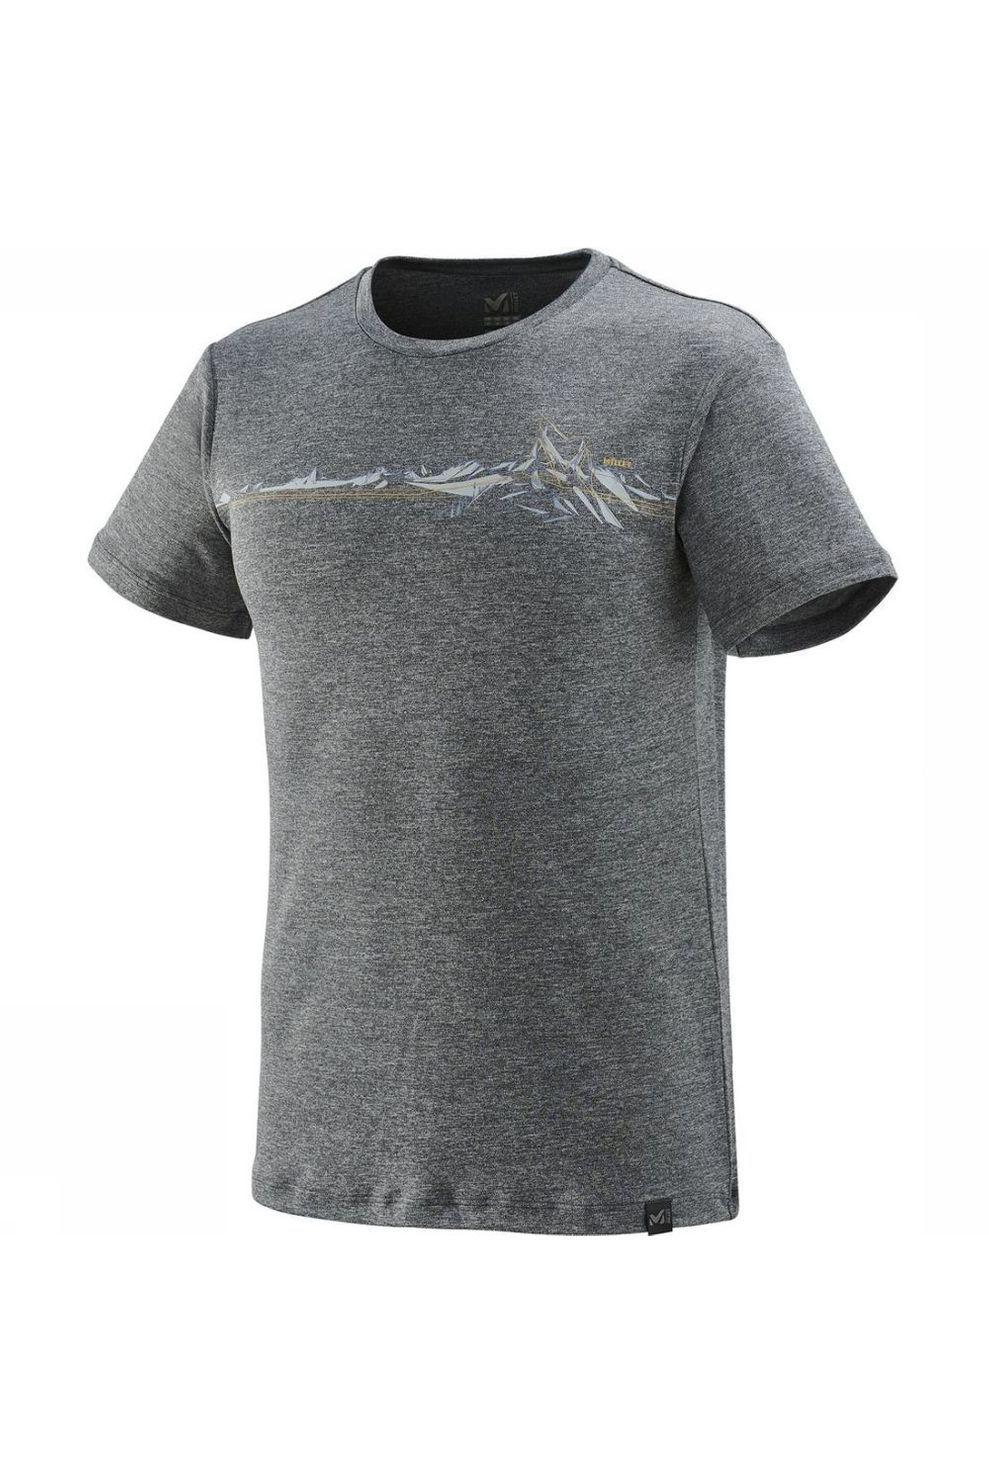 Millet T-Shirt Boren voor heren - Grijs - Maten: S, M, L, XL